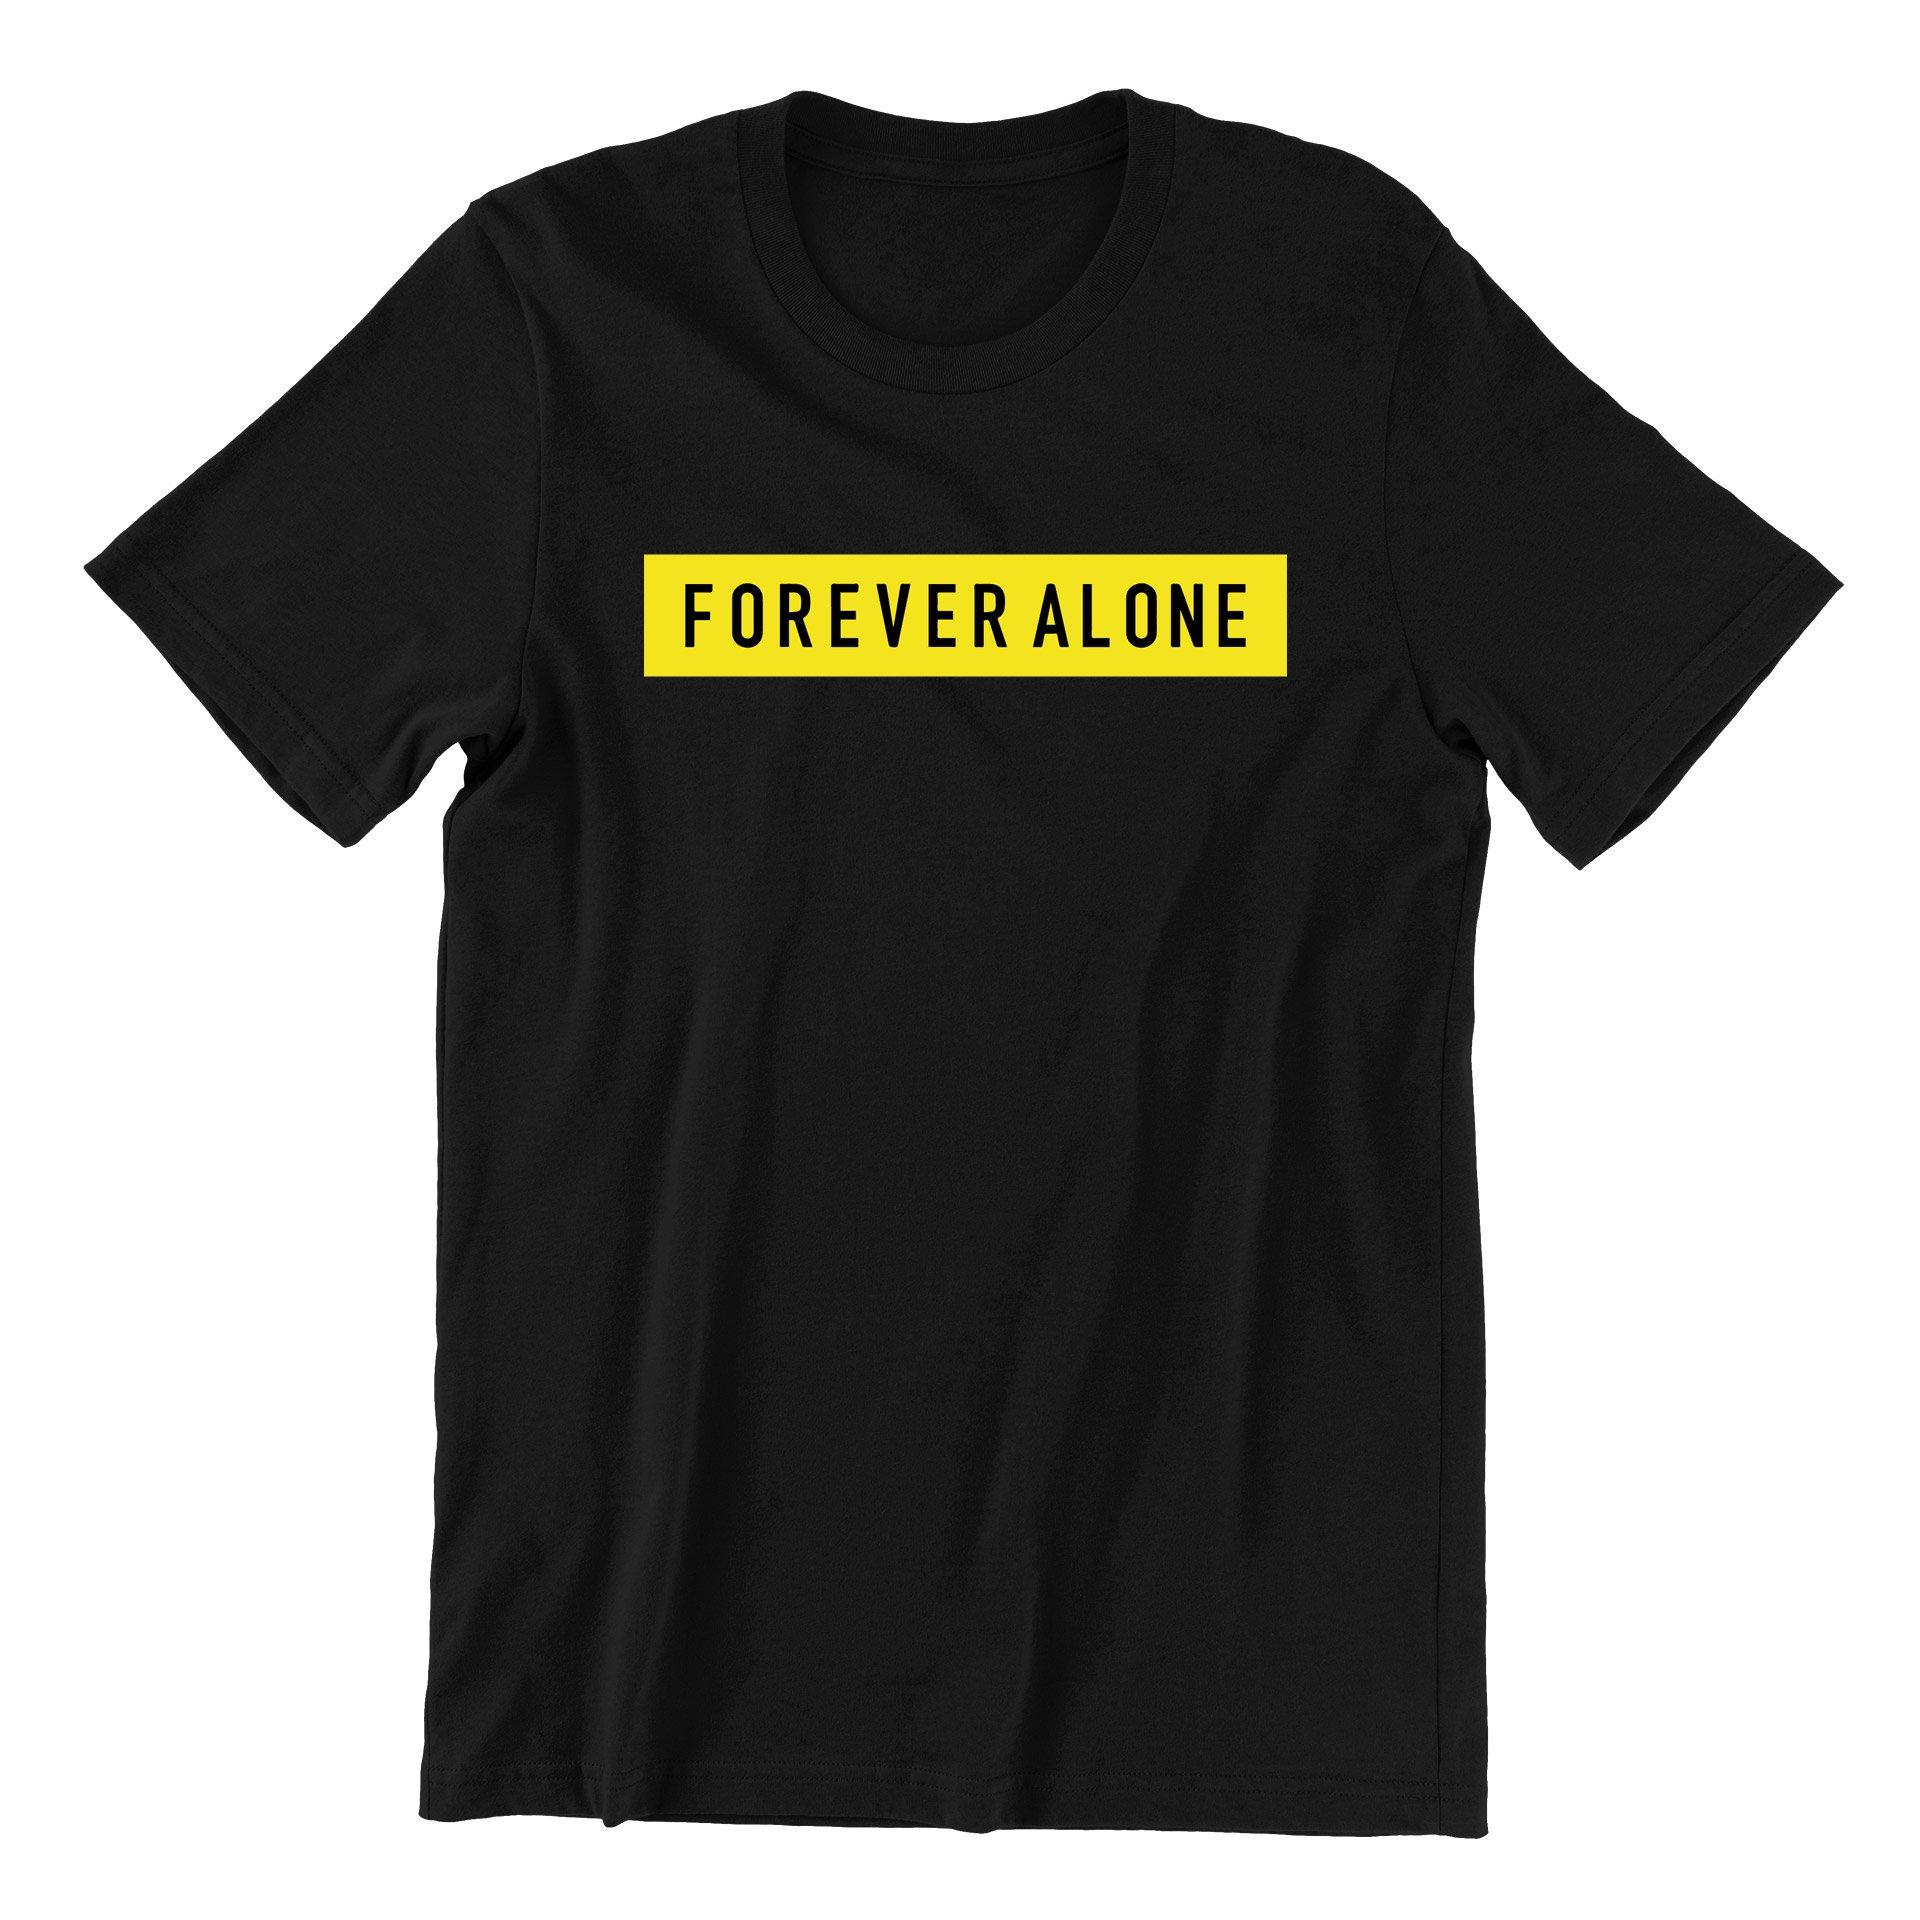 Forever Alone Short Sleeve T-shirt